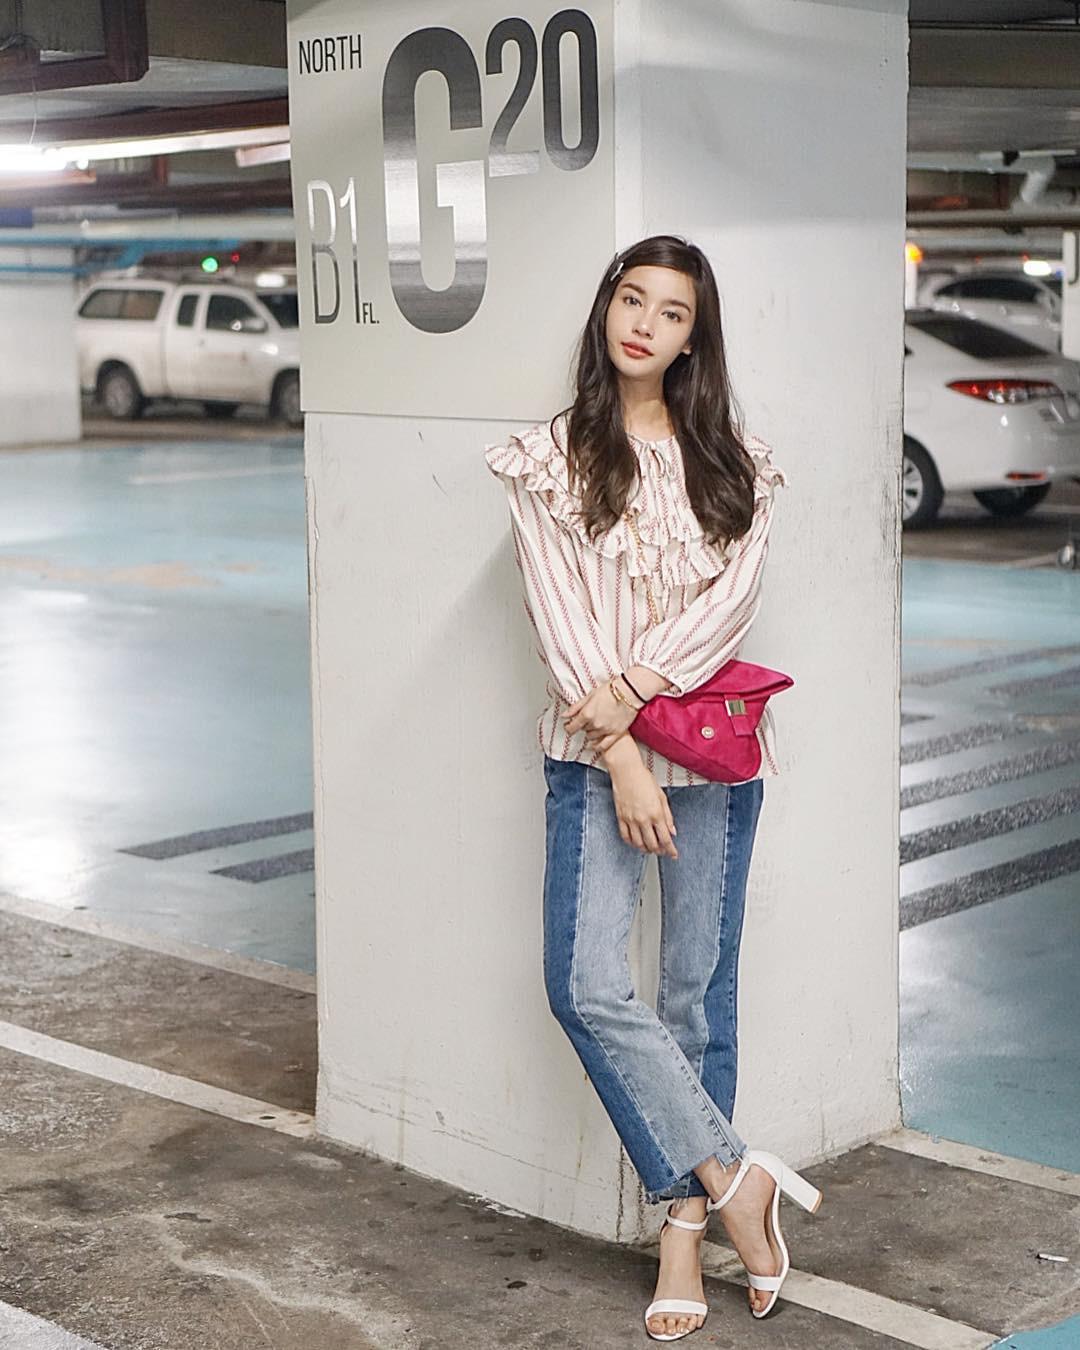 Đừng nghĩ mặc jeans là không điệu được, cứ nhìn các nàng blogger lên đồ cực xinh qua 15 set đồ này sẽ biết ngay - Ảnh 2.